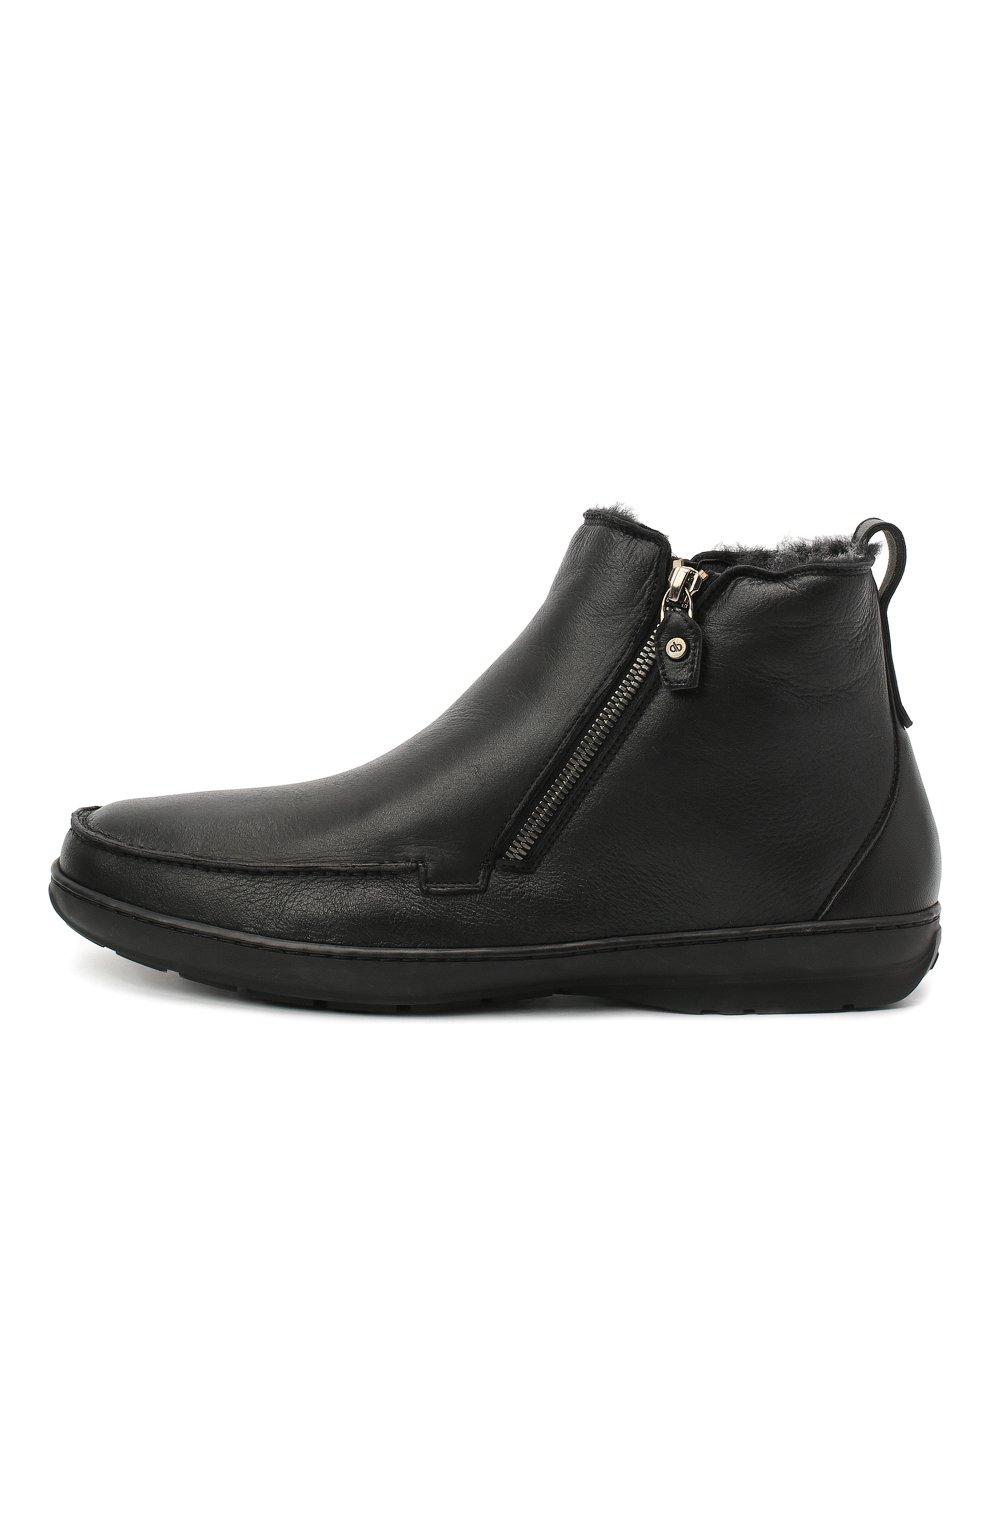 Мужские кожаные сапоги ALDO BRUE черного цвета, арт. AB3014.MDN.S.T | Фото 3